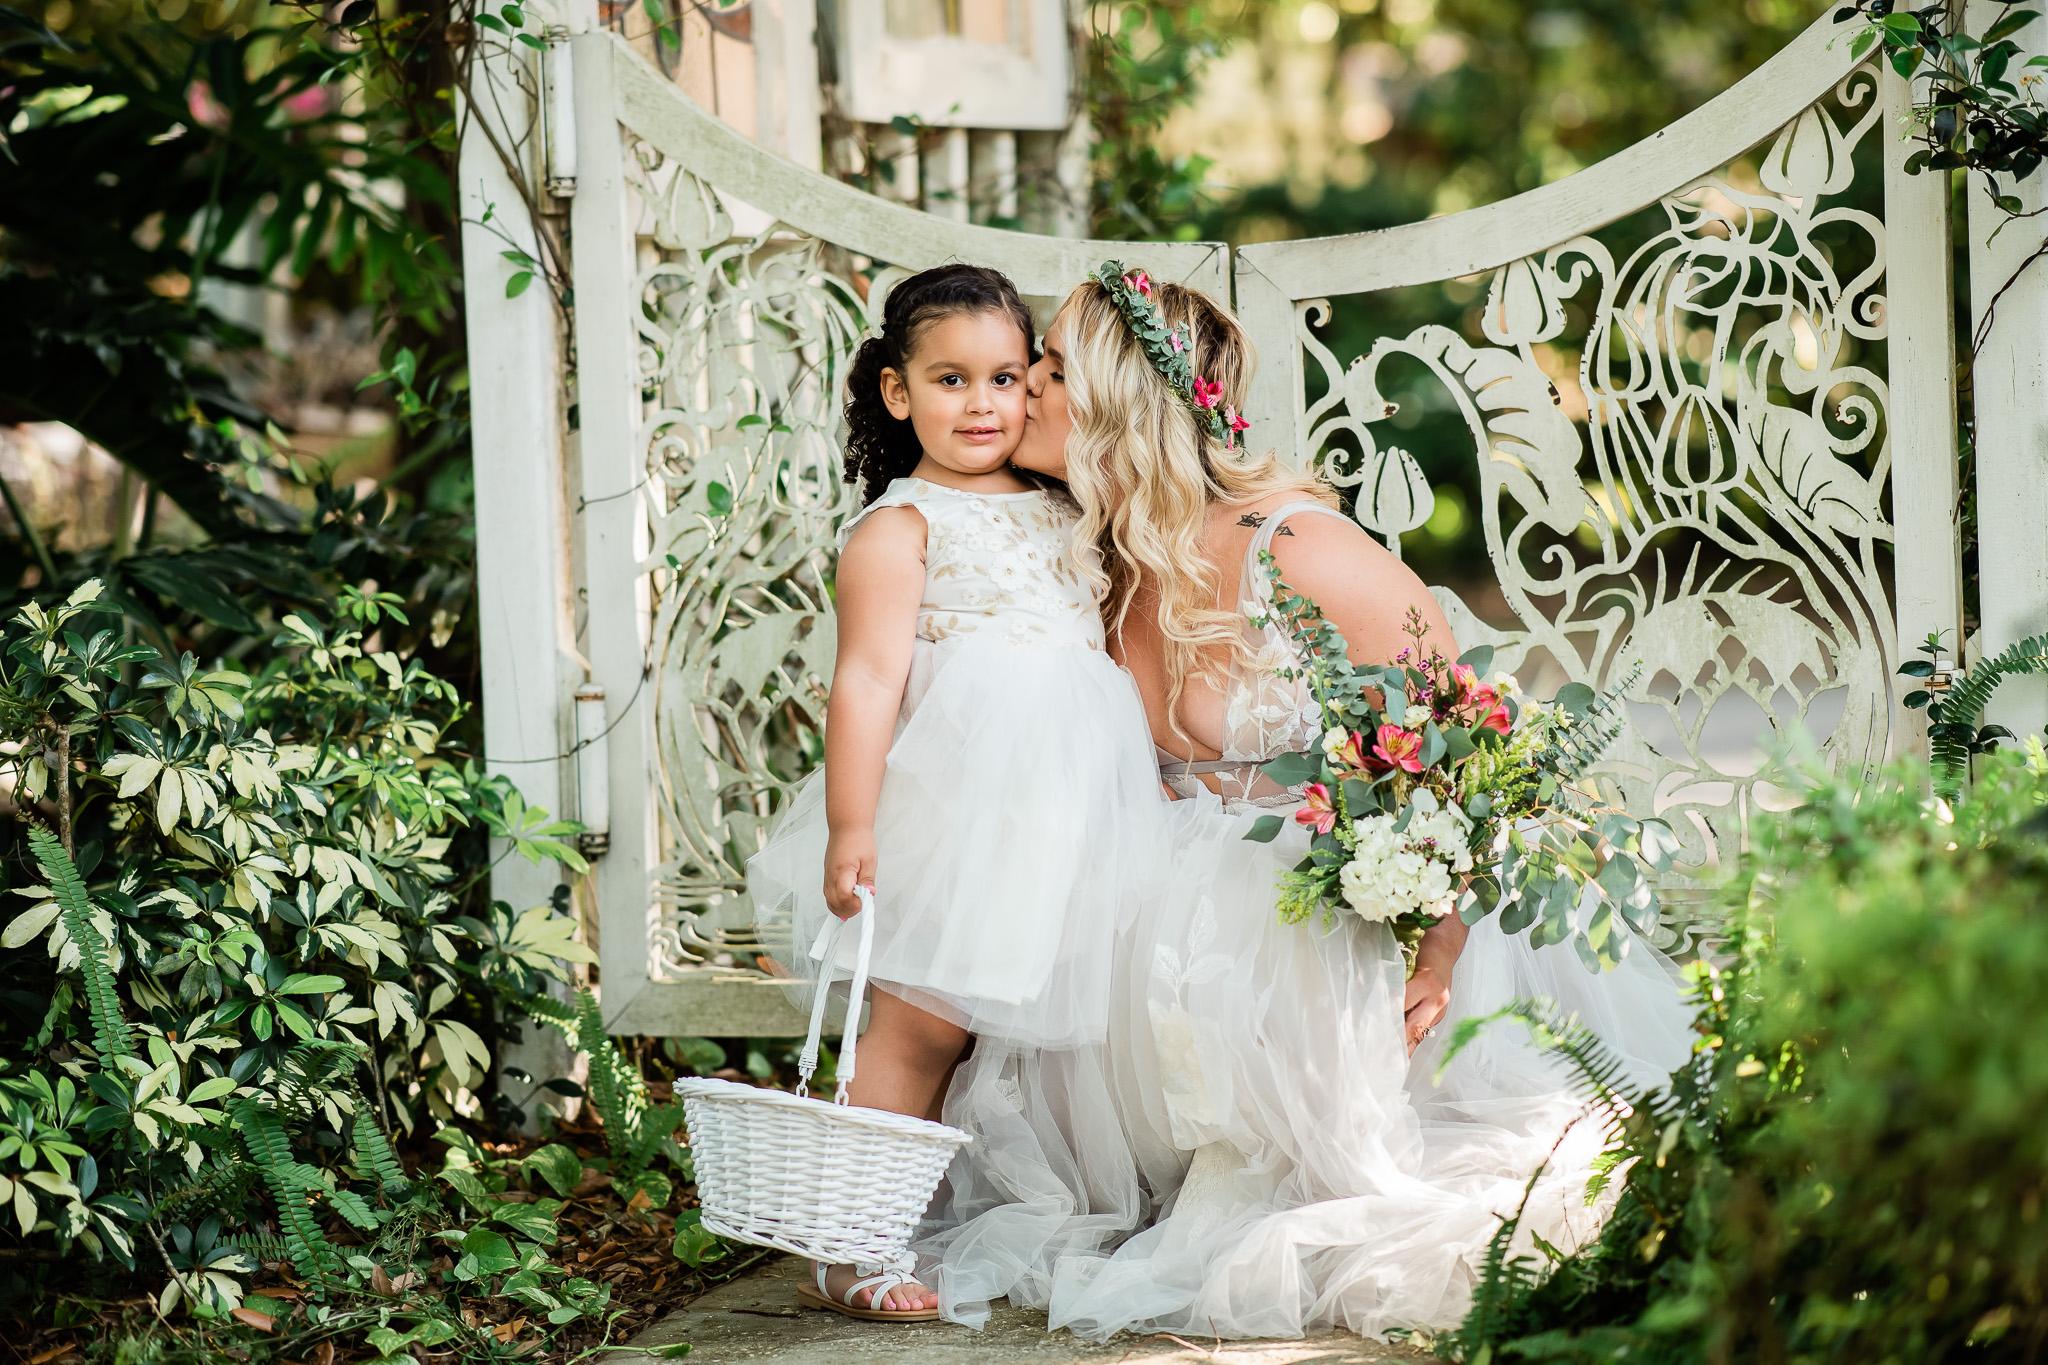 TAMPA_WEDDING_GIGIS_COUNTRY_GARDEN_CJMZ_Z85_9555.jpg